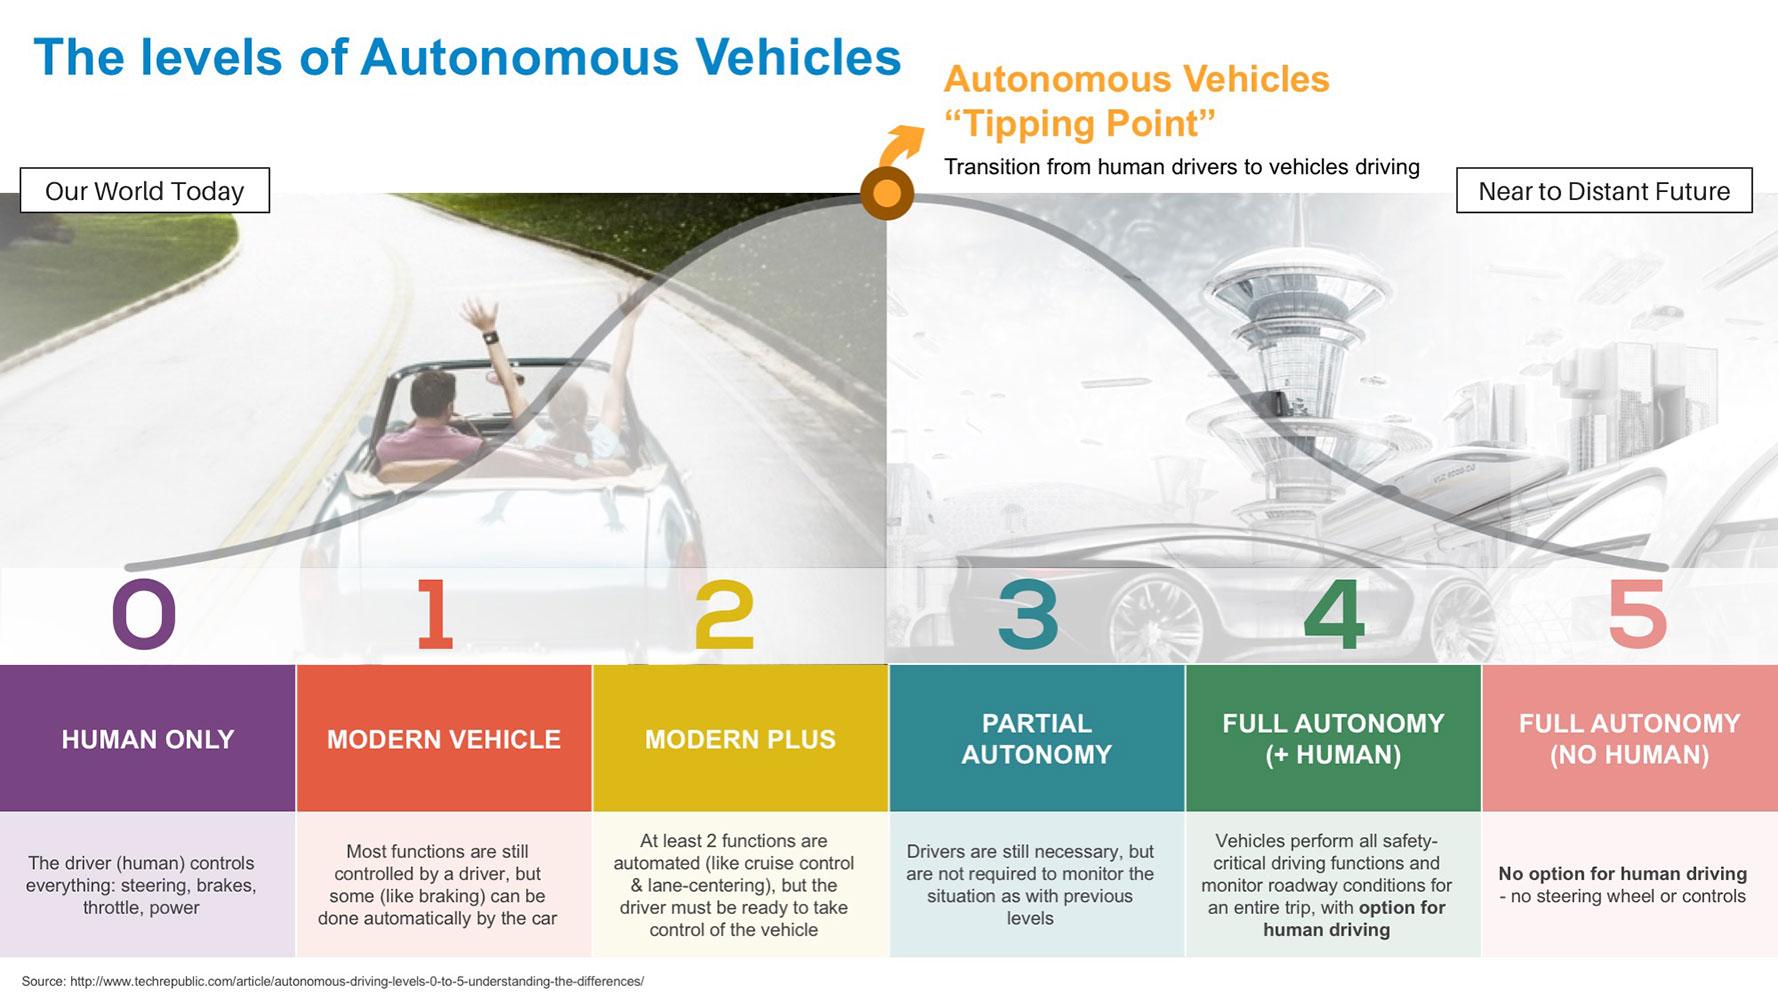 The levels of Autonomous Vehicles - Market Research